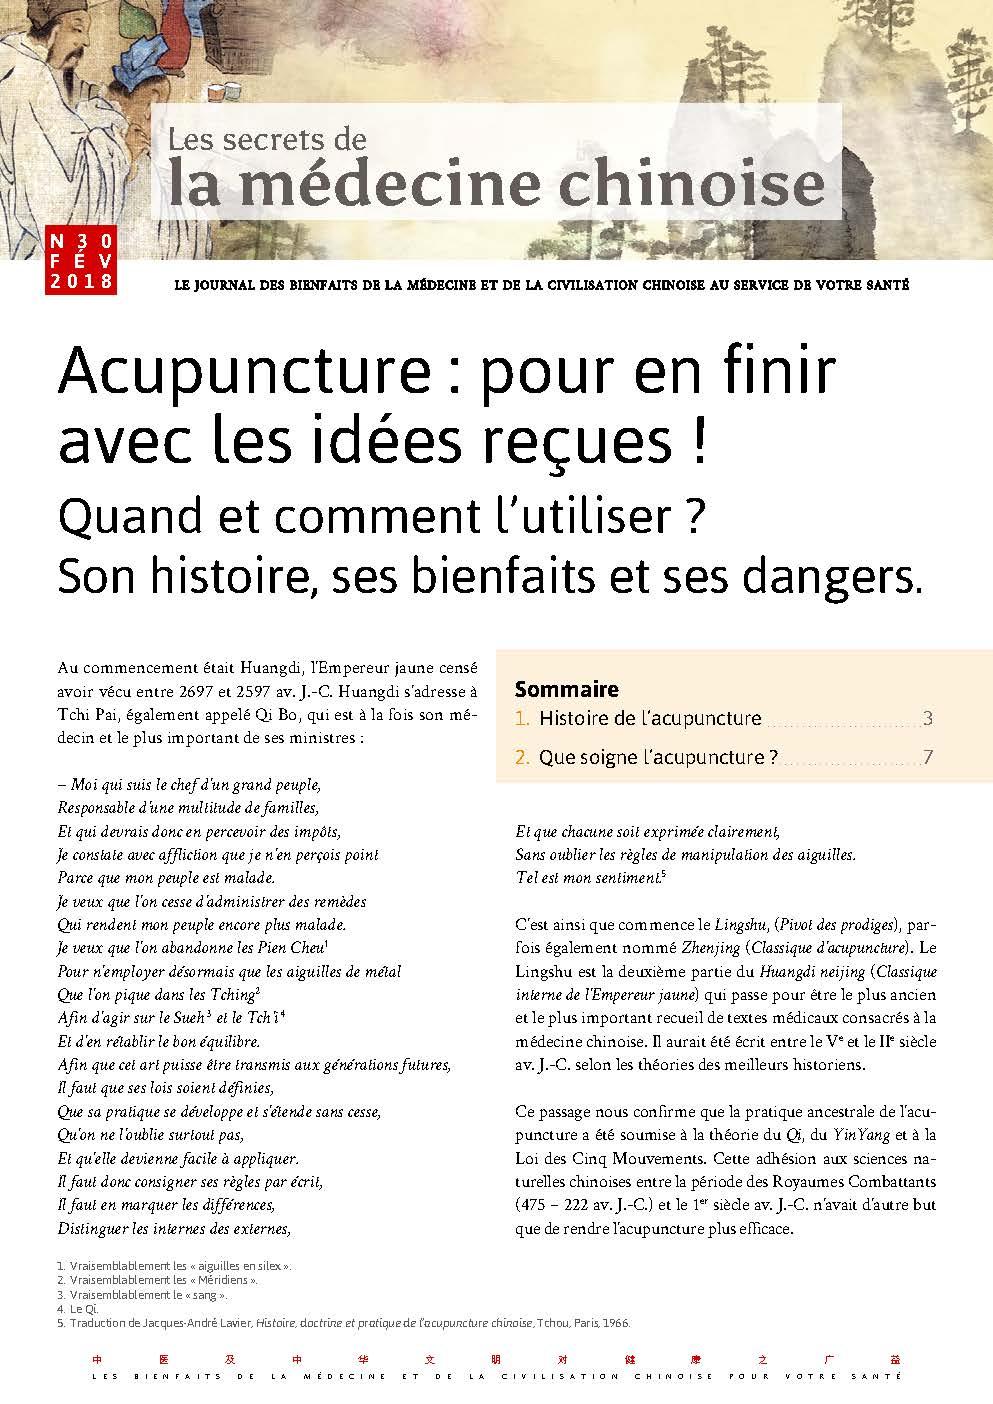 30-Fevrier-2018-Acupuncture-pour-en-finir-avec-les-idees-recues-SD